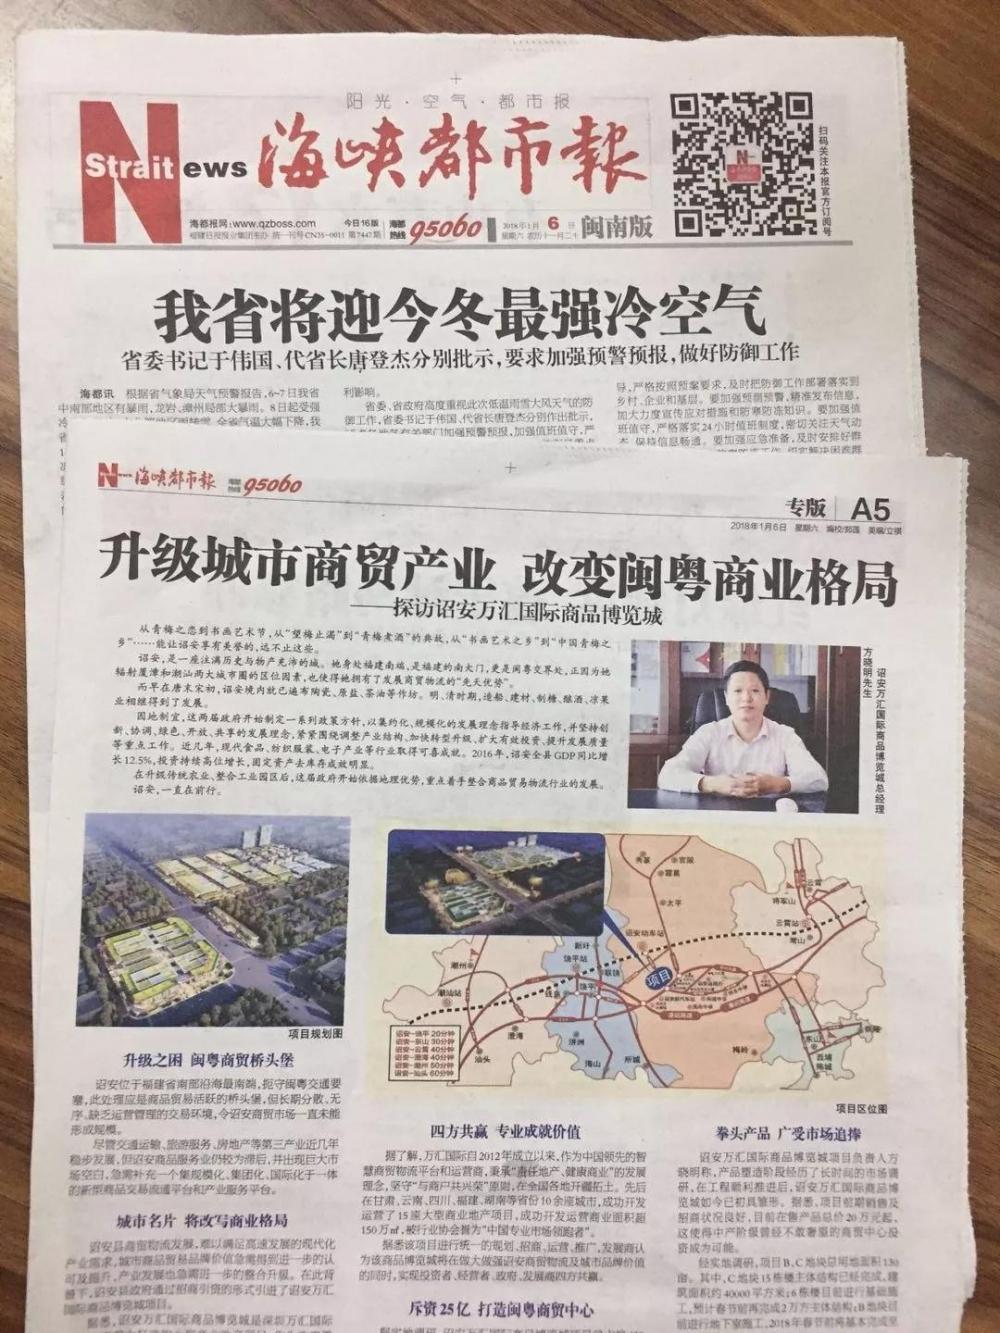 诏安城这个项目将改变闽粤商业格局